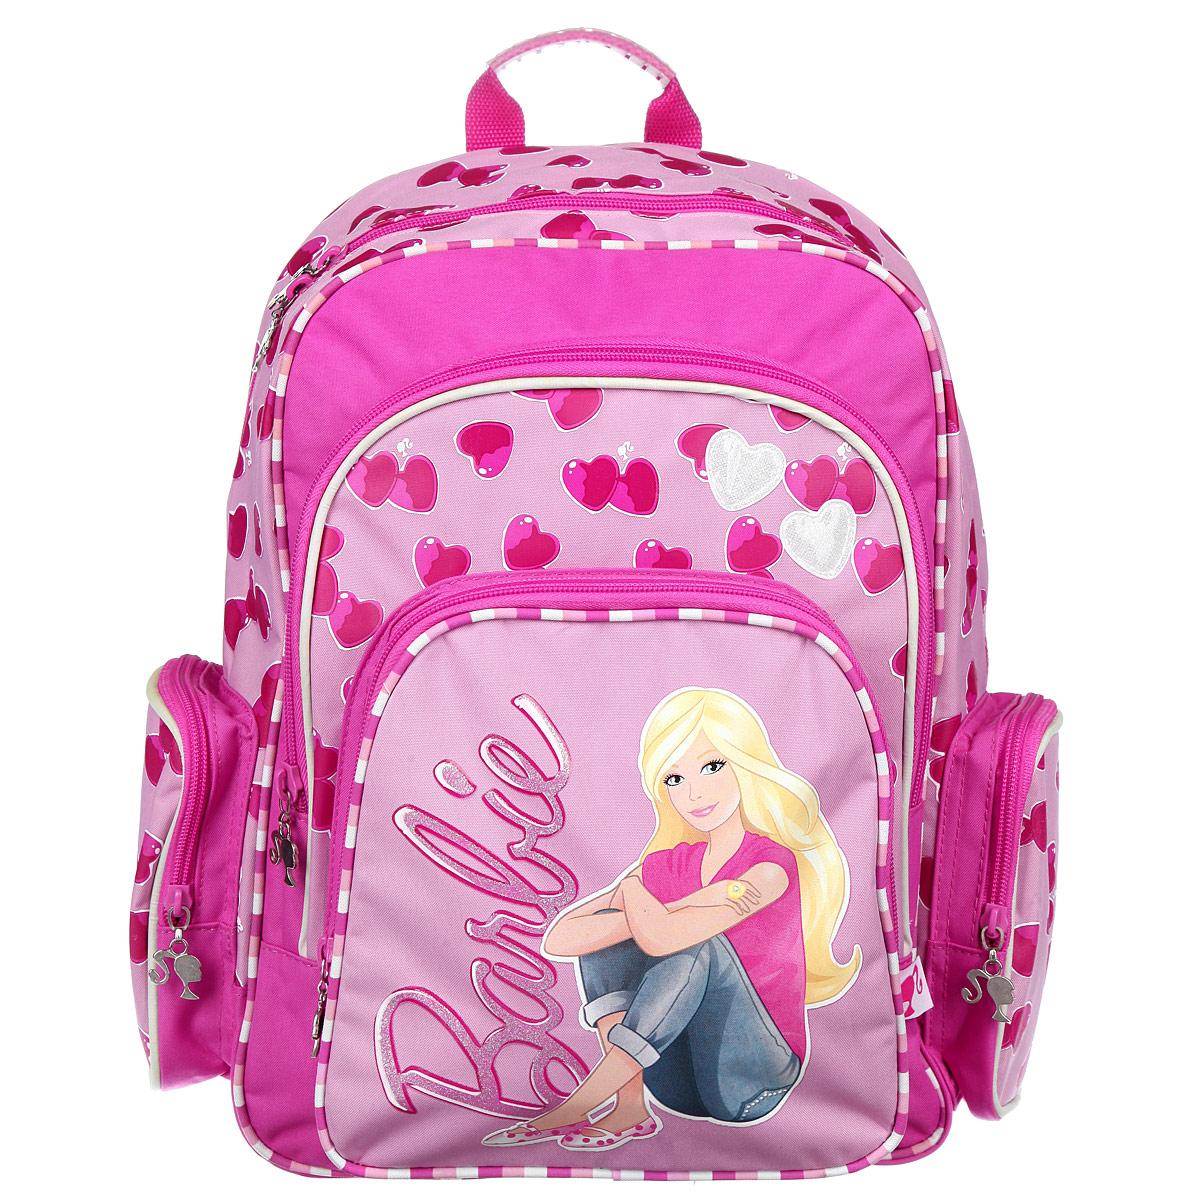 Рюкзак школьный Barbie, цвет: розовый. BRM-11T-962KMCB-UT1-3322Школьный рюкзак Barbie привлечет внимание вашей школьницы. Изделие выполнено из прочного и высококачественного материала.Содержит одно вместительное отделение, внутри которого находятся две жесткие перегородки для тетрадей или учебников и открытый карман-сетка. Дно рюкзака можно сделать жестким, разложив специальную панель с пластиковой вставкой, что повышает сохранность содержимого рюкзака и способствует правильному распределению нагрузки. Спинка рюкзака изготовлена из высокотехнологичного водонепроницаемого упругого материала. Специально разработанная архитектура спинки со стабилизирующими набивными элементами повторяет естественный изгиб позвоночника. Набивные элементы обеспечивают вентиляцию спины ребенка. Мягкие широкие лямки позволяют легко и быстро отрегулировать рюкзак в соответствии с ростом. Рюкзак оснащен текстильной ручкой для переноски в руке. Светоотражающие элементы обеспечивают безопасность в темное время суток.Многофункциональный школьный рюкзак станет незаменимым спутником вашего ребенка в походах за знаниями.